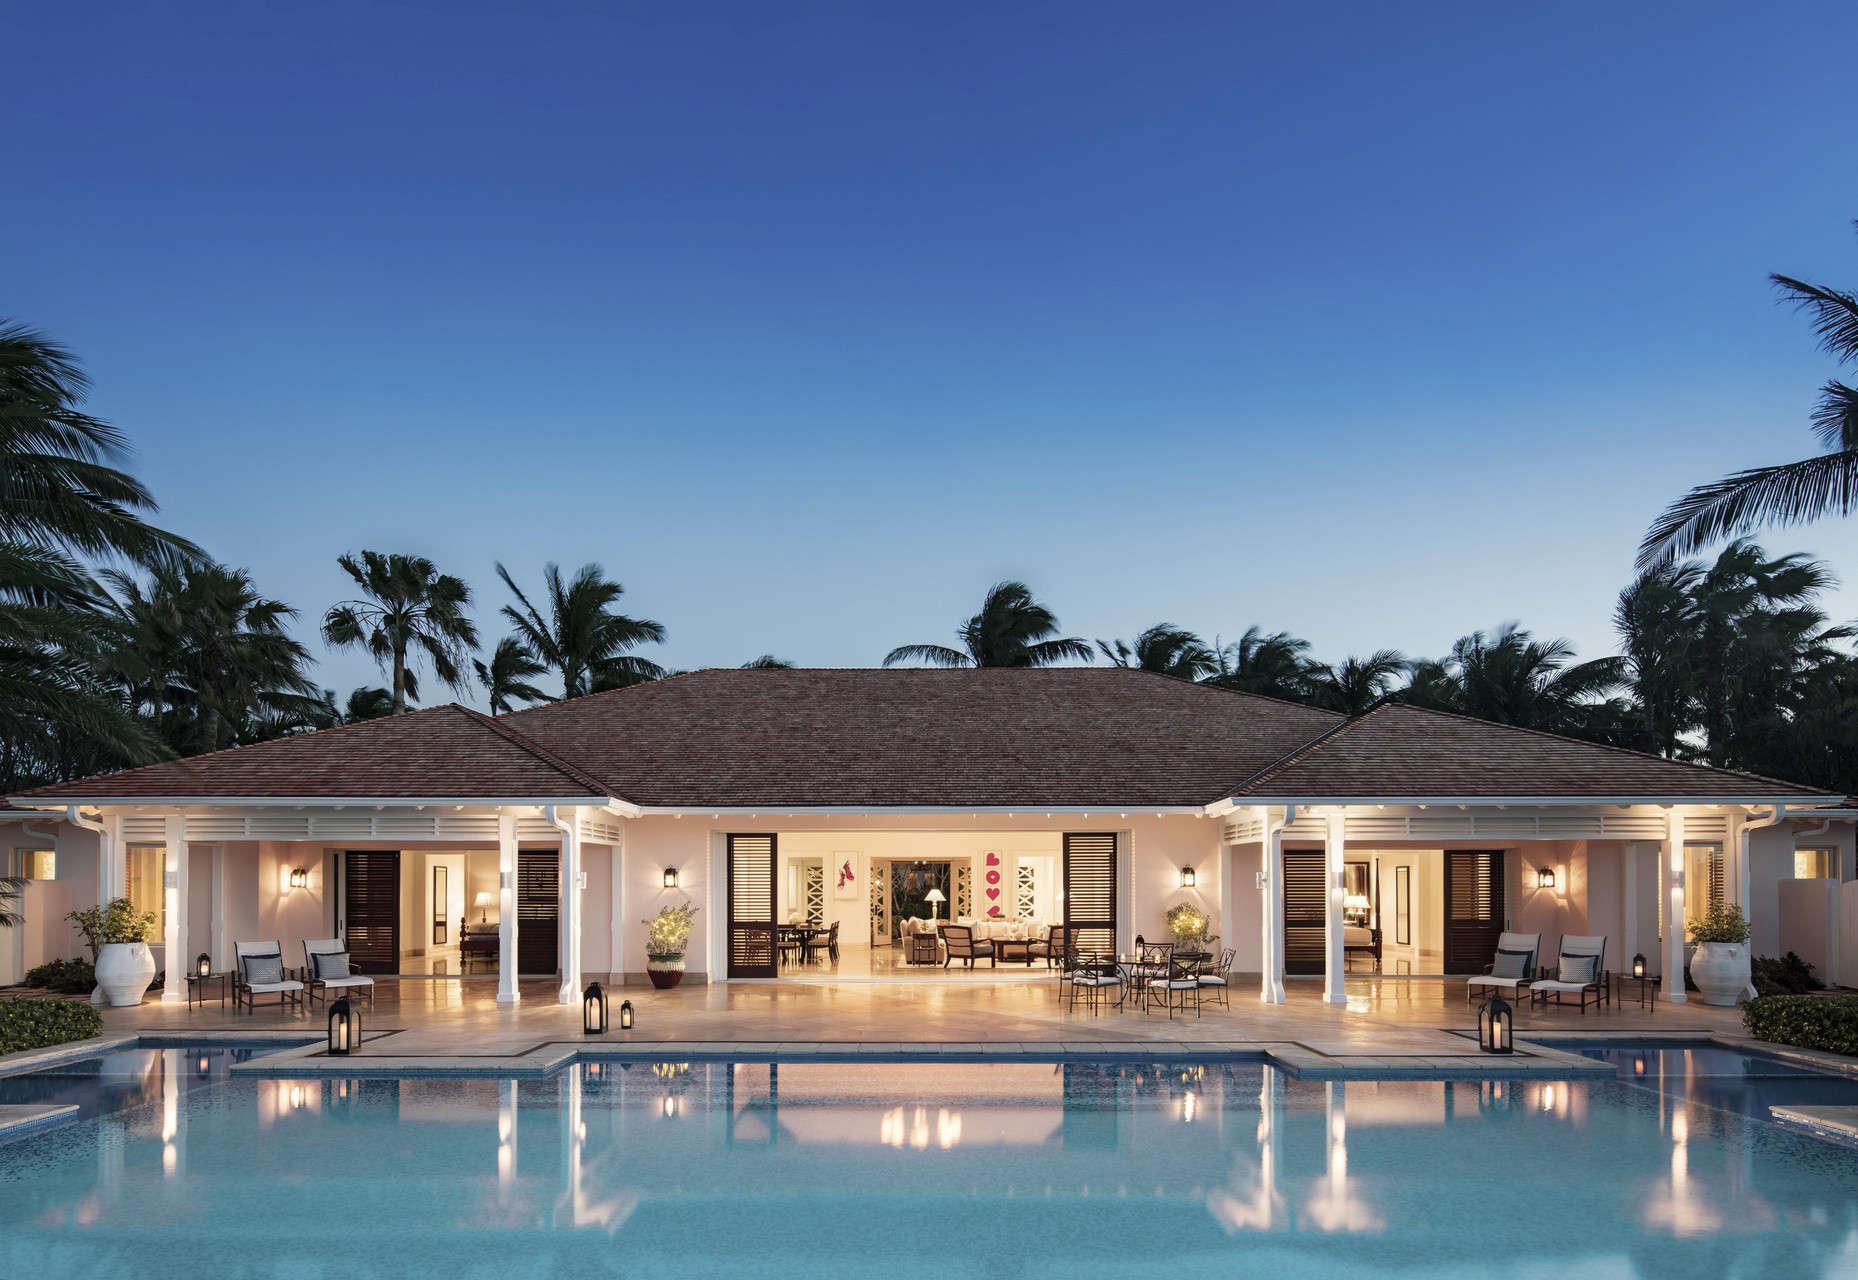 - 4 BDM Villa Residence - Image 1/13